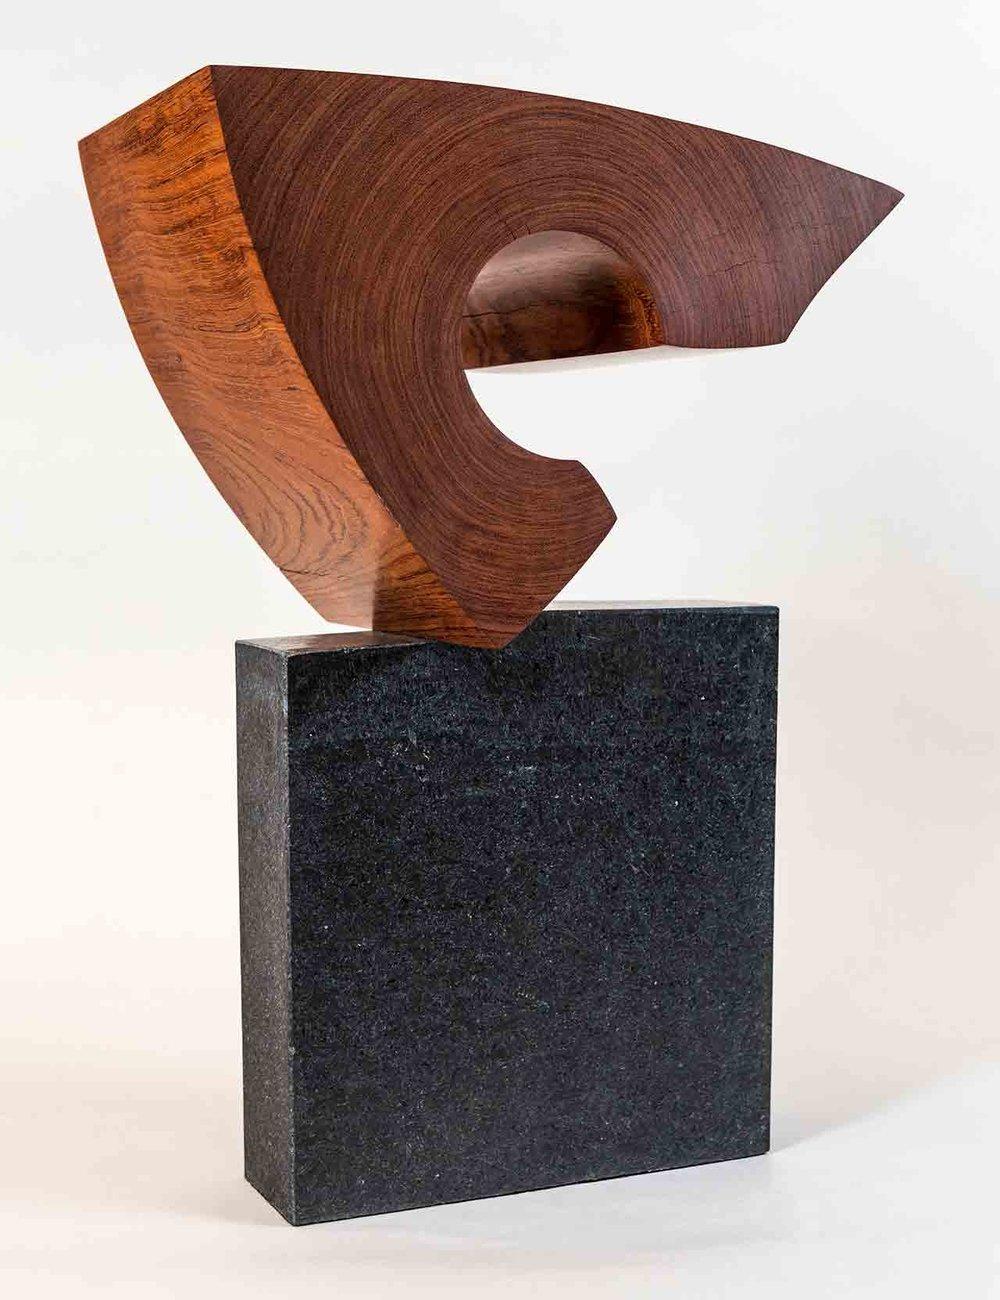 Khamsin ( Bubinga wood on Granite) $7,200